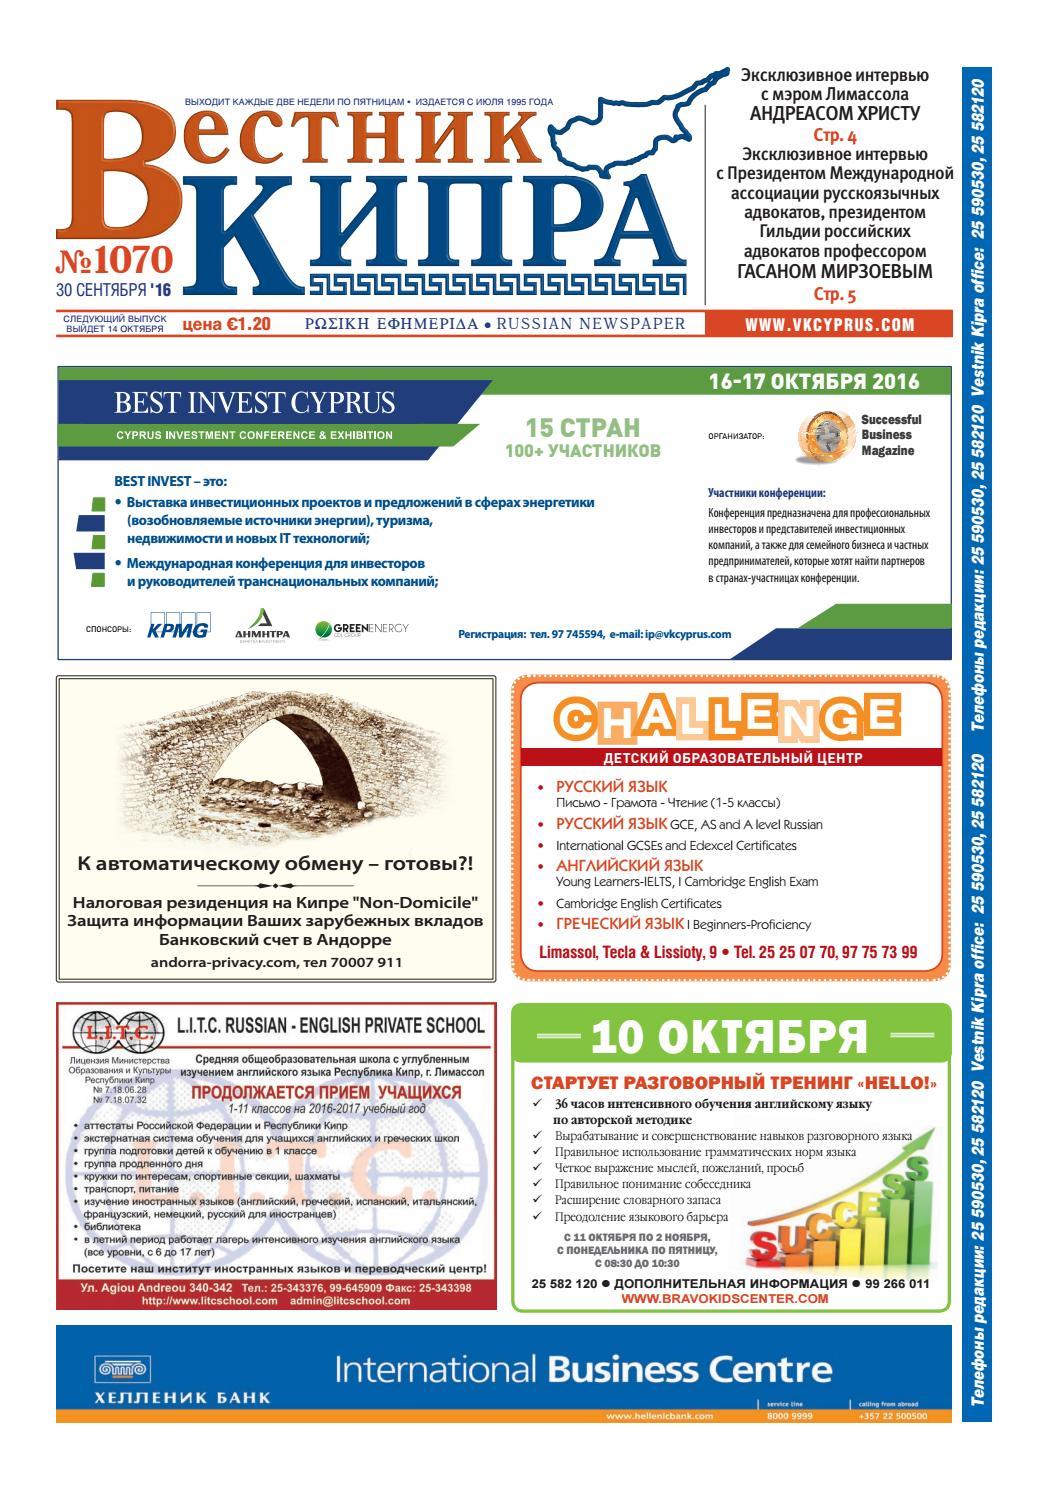 927fabc0ed38 Вестник Кипра №1070 by Вестник Кипра - issuu